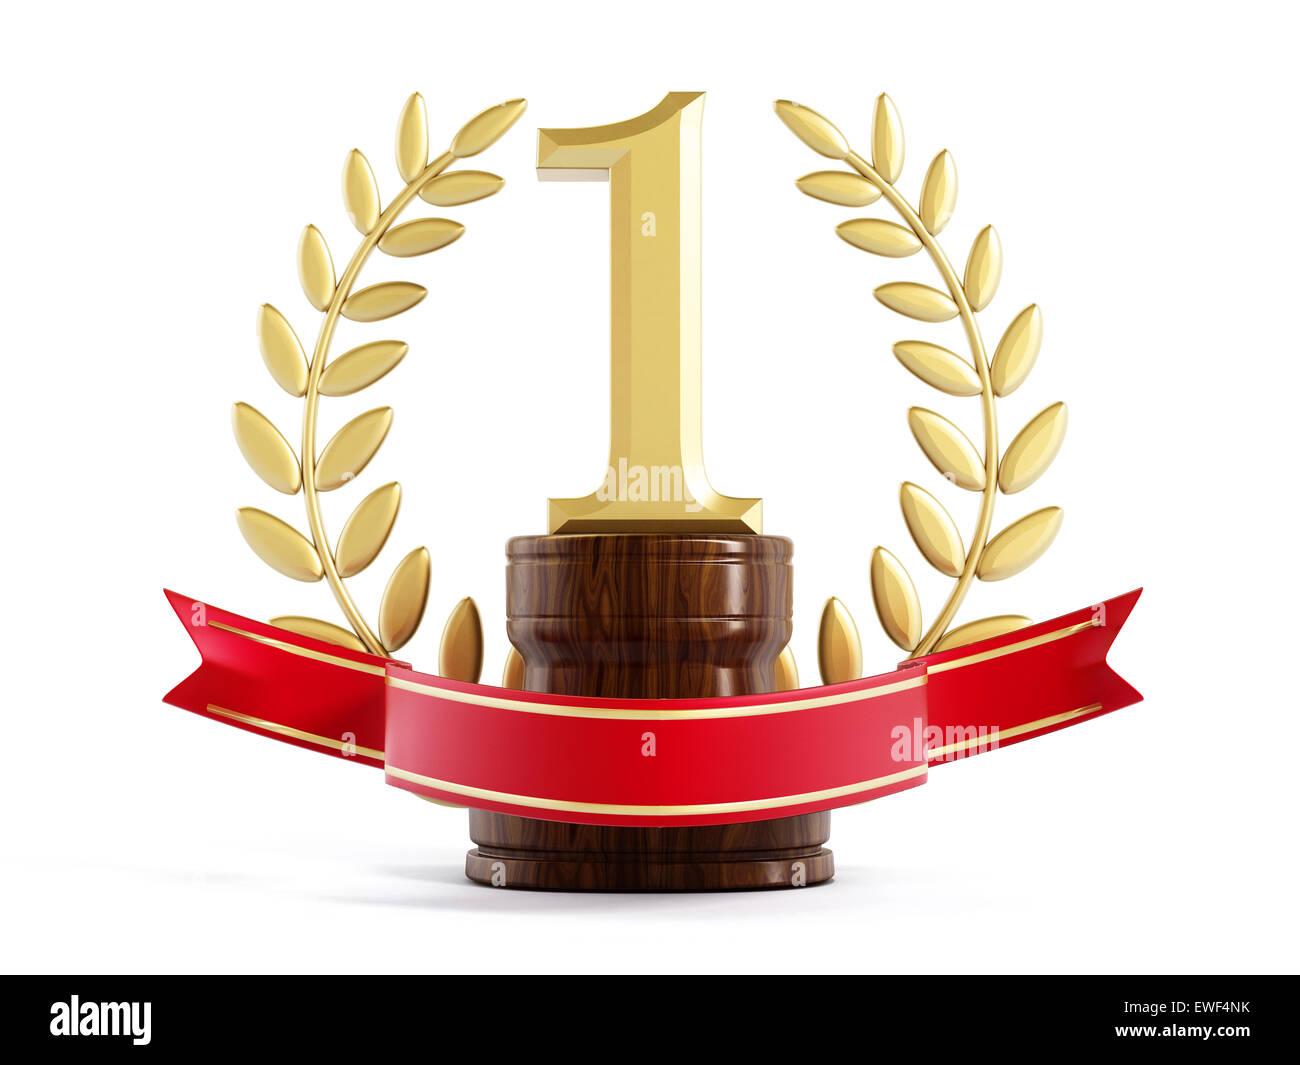 Oro primo premio Trofeo isolati su sfondo bianco Immagini Stock